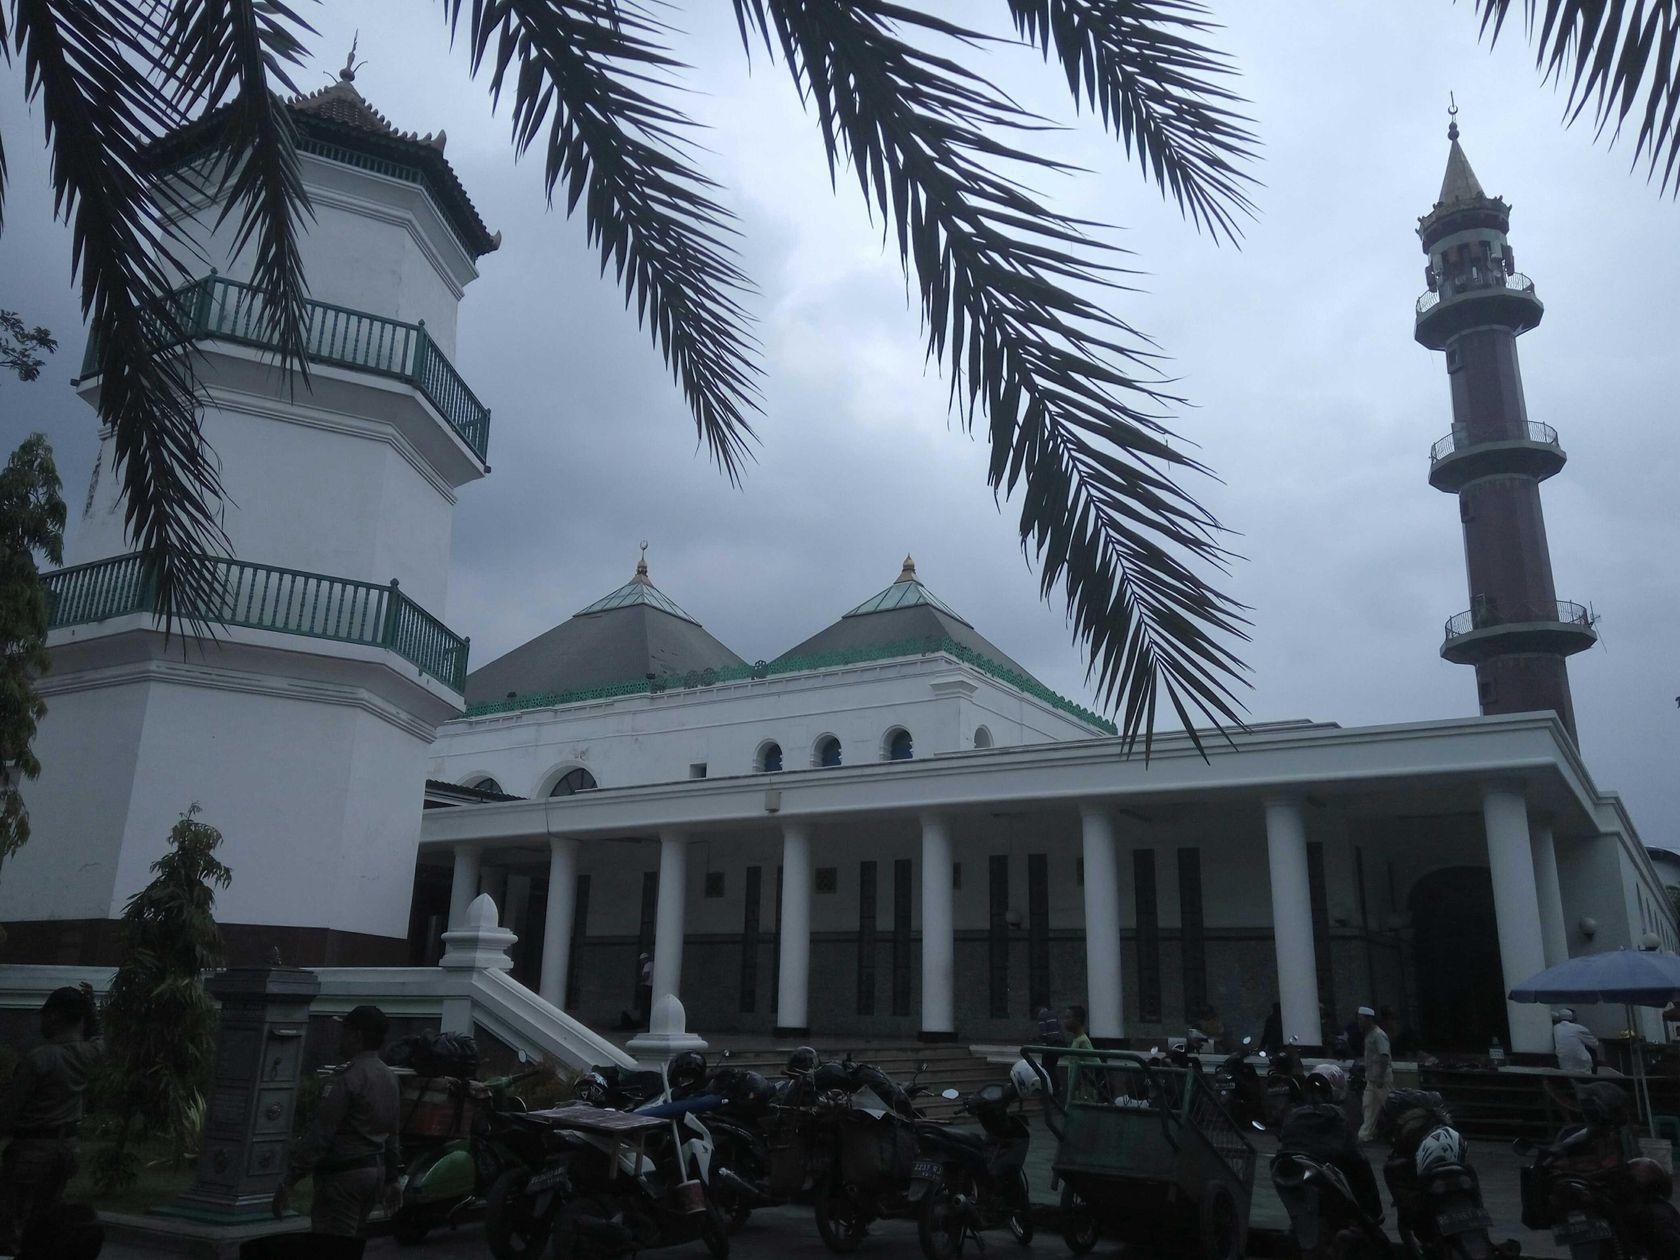 Shalat Jumat Masjid Agung Palembang Steemit Suasana Hari Terlihat Cuacanya